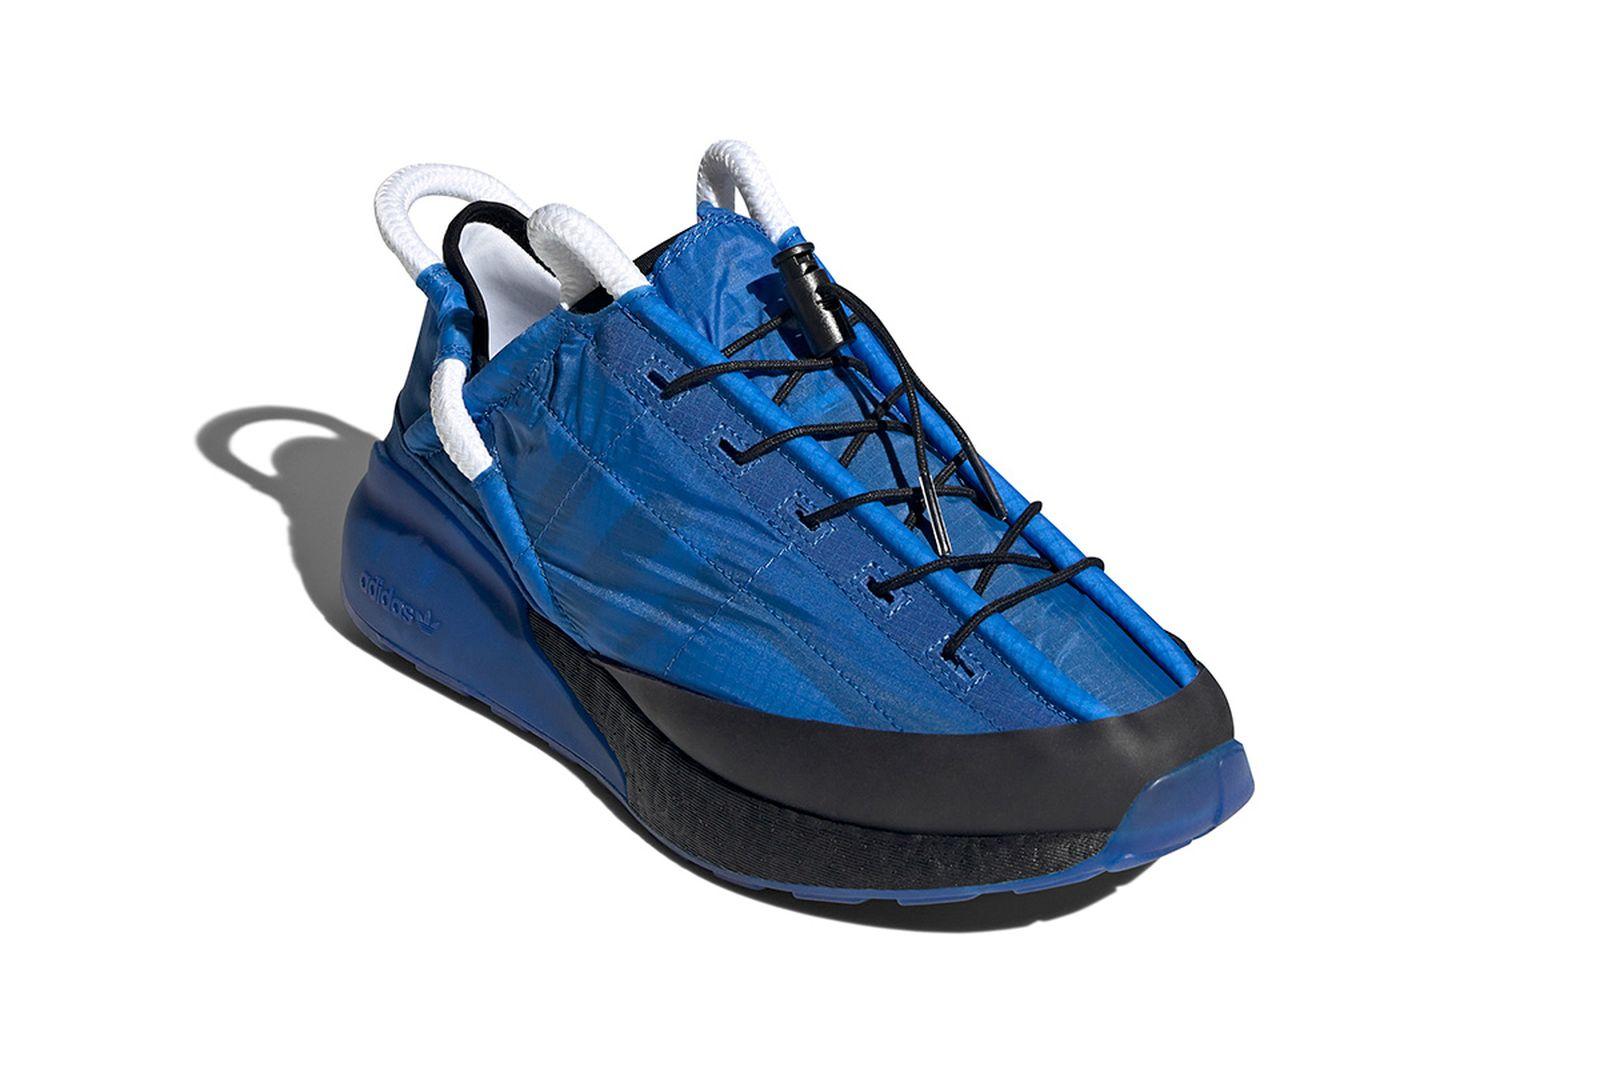 craig-green-adidas-zx-2k-phormar-release-date-price-04